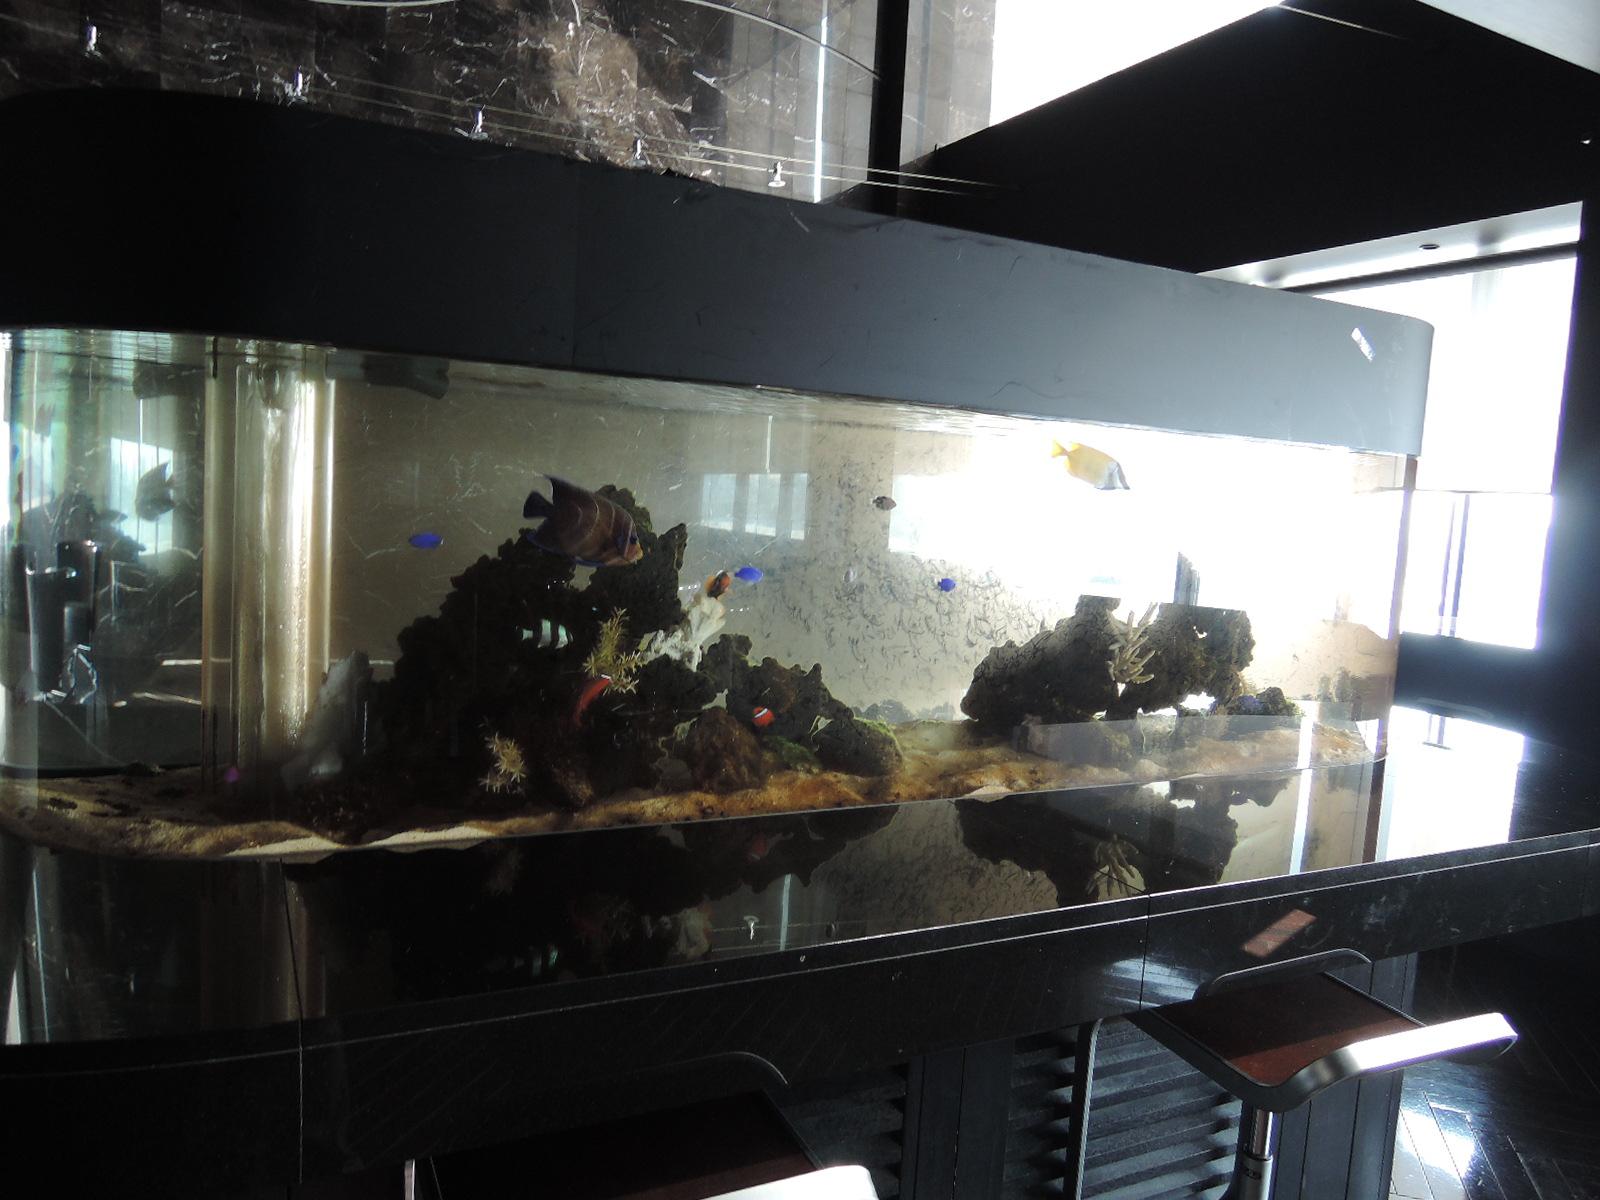 大きな水槽には熱帯魚が泳いでいます